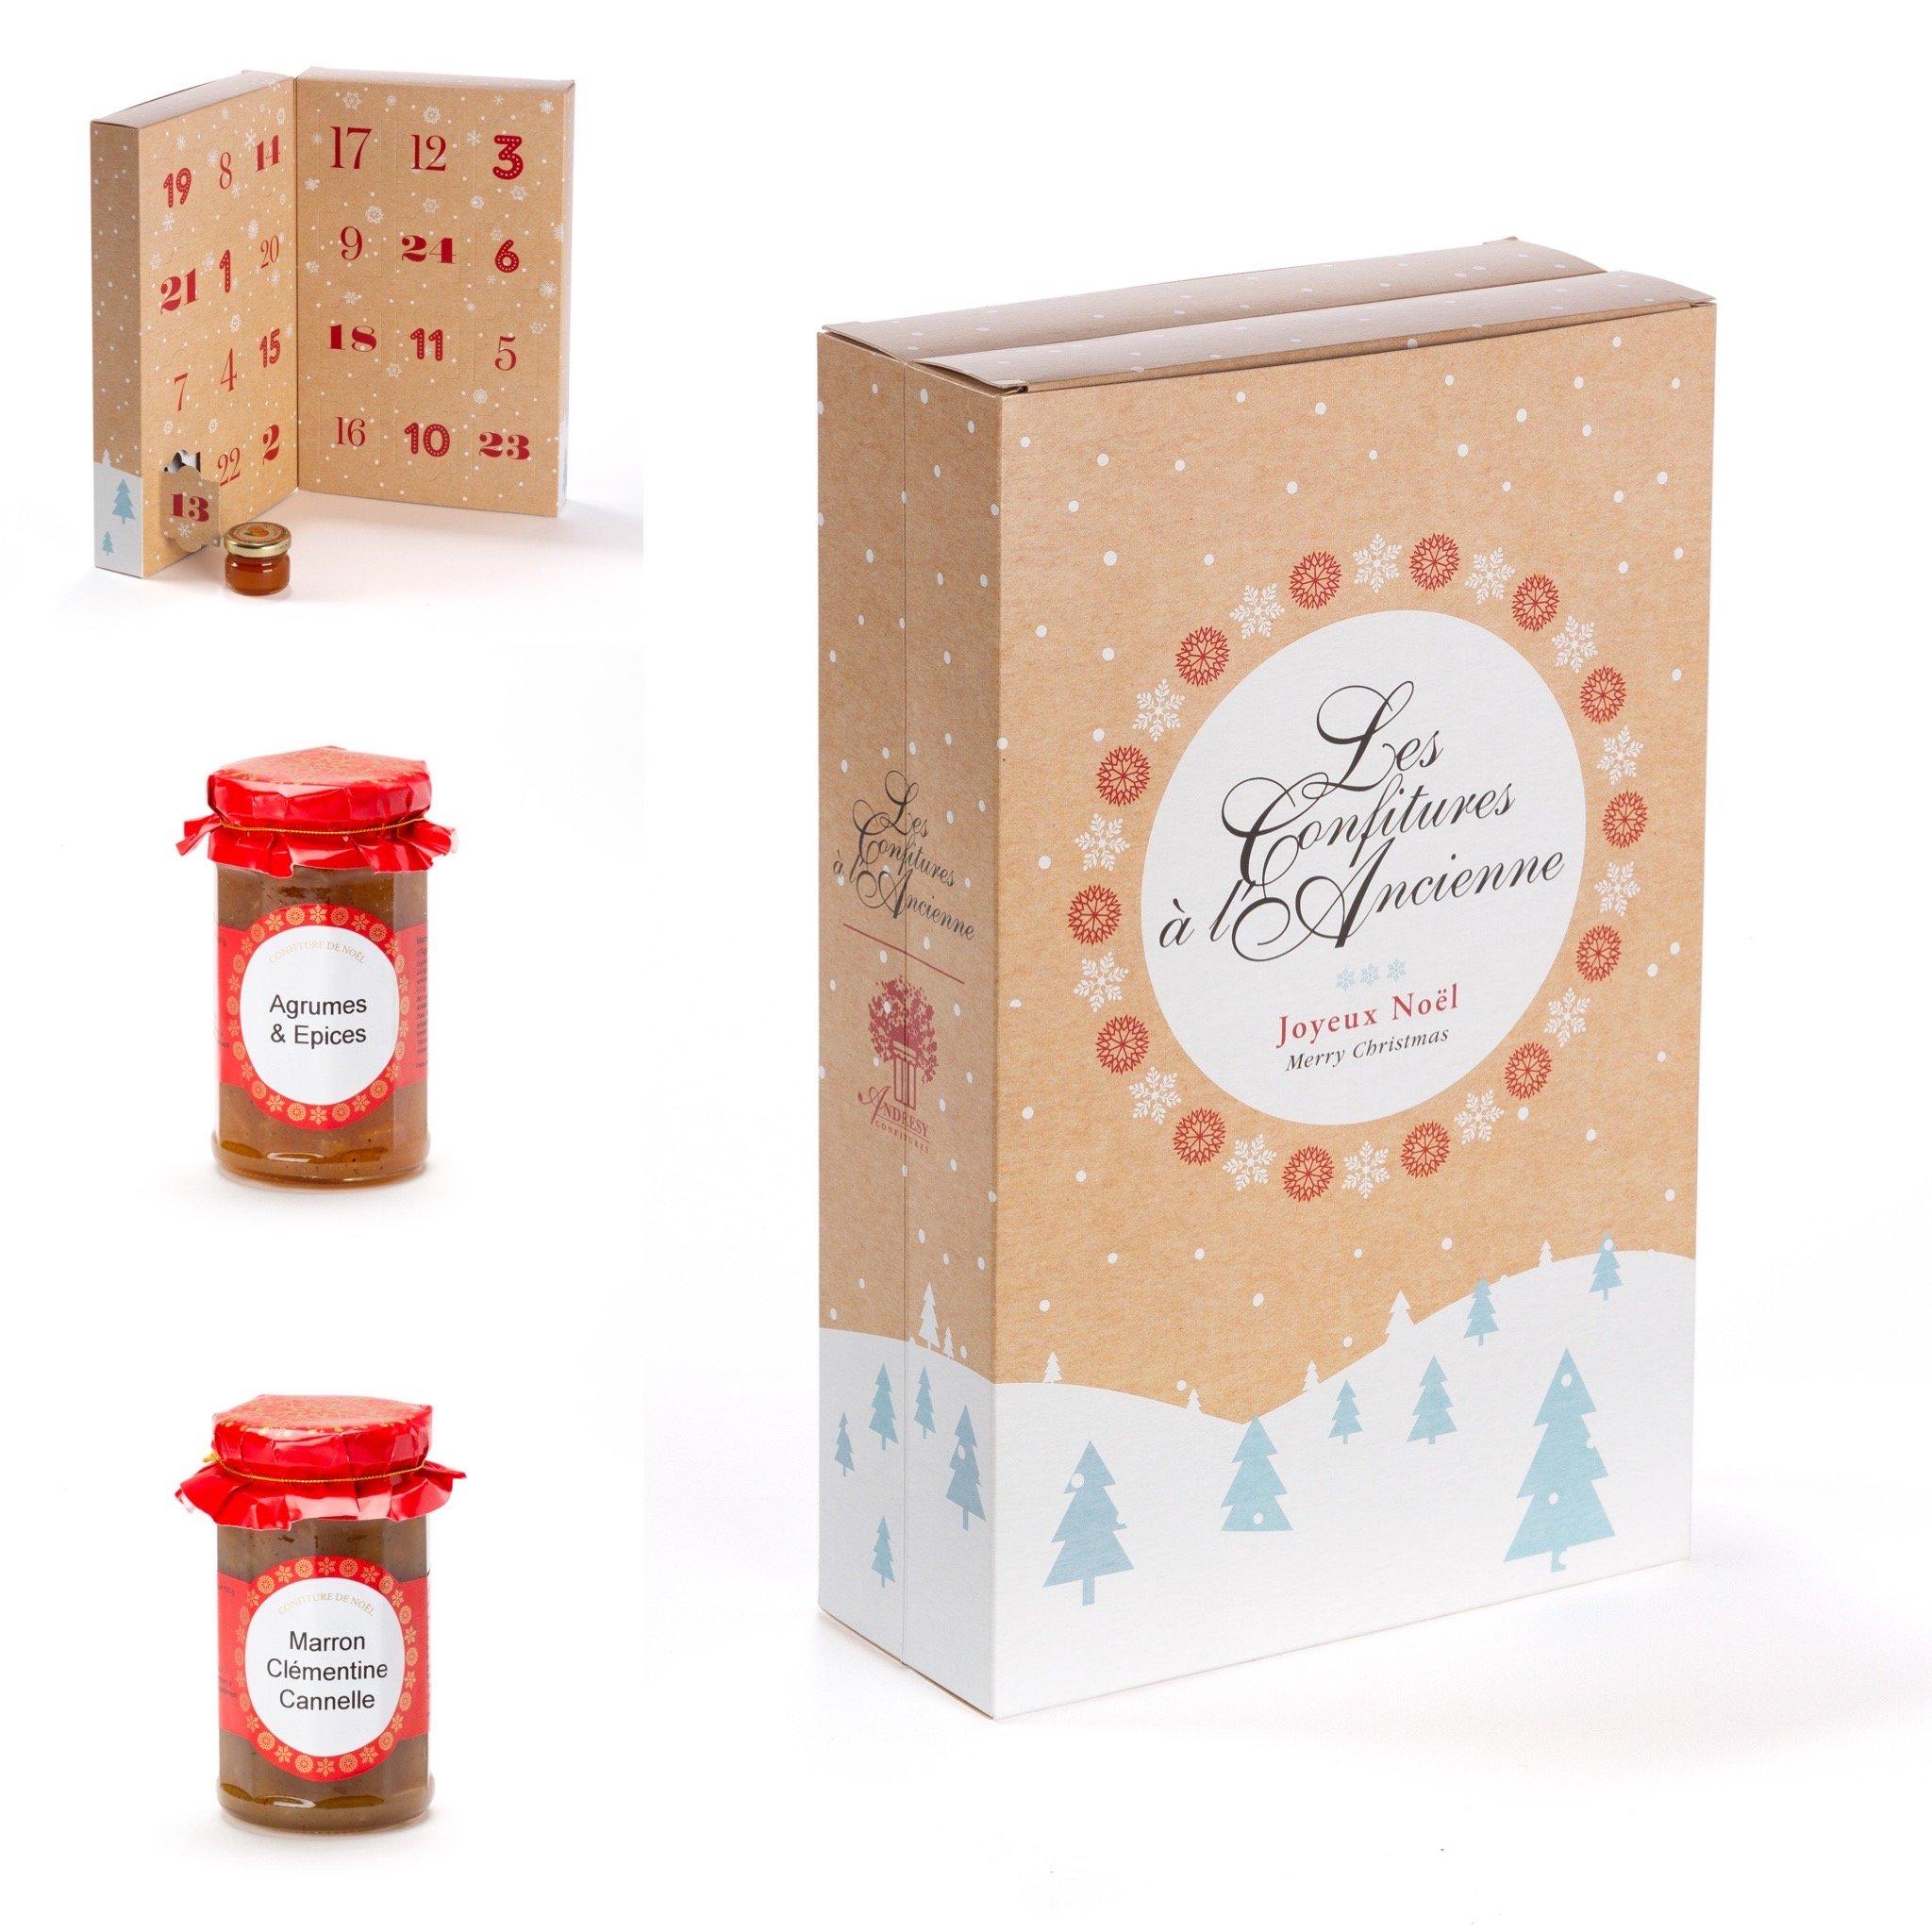 Recettes de Noël : confiture, marmelade et calendrier de l'Avent par Andrésy Confitures